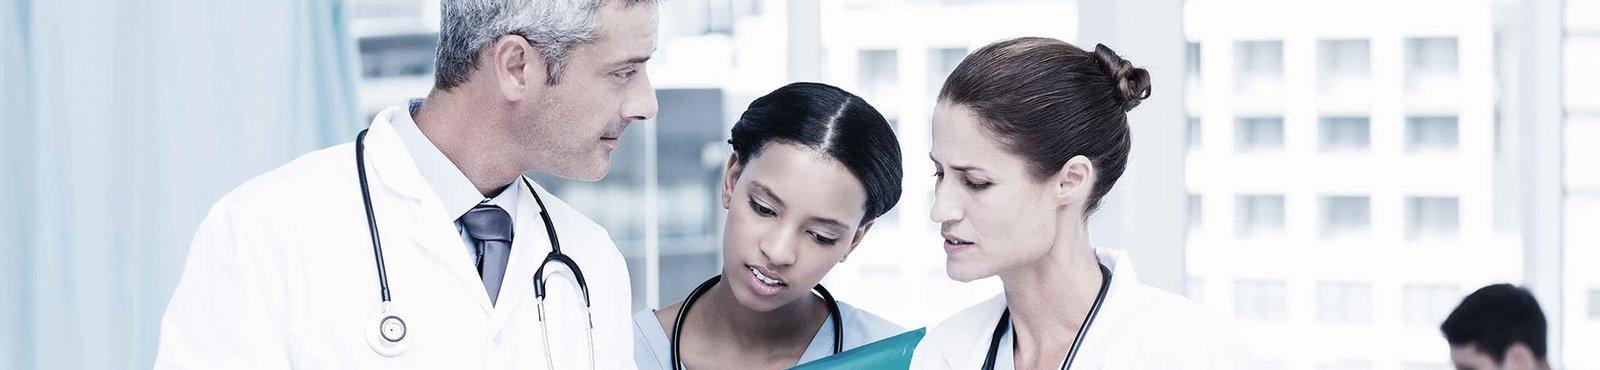 Sectors-Health